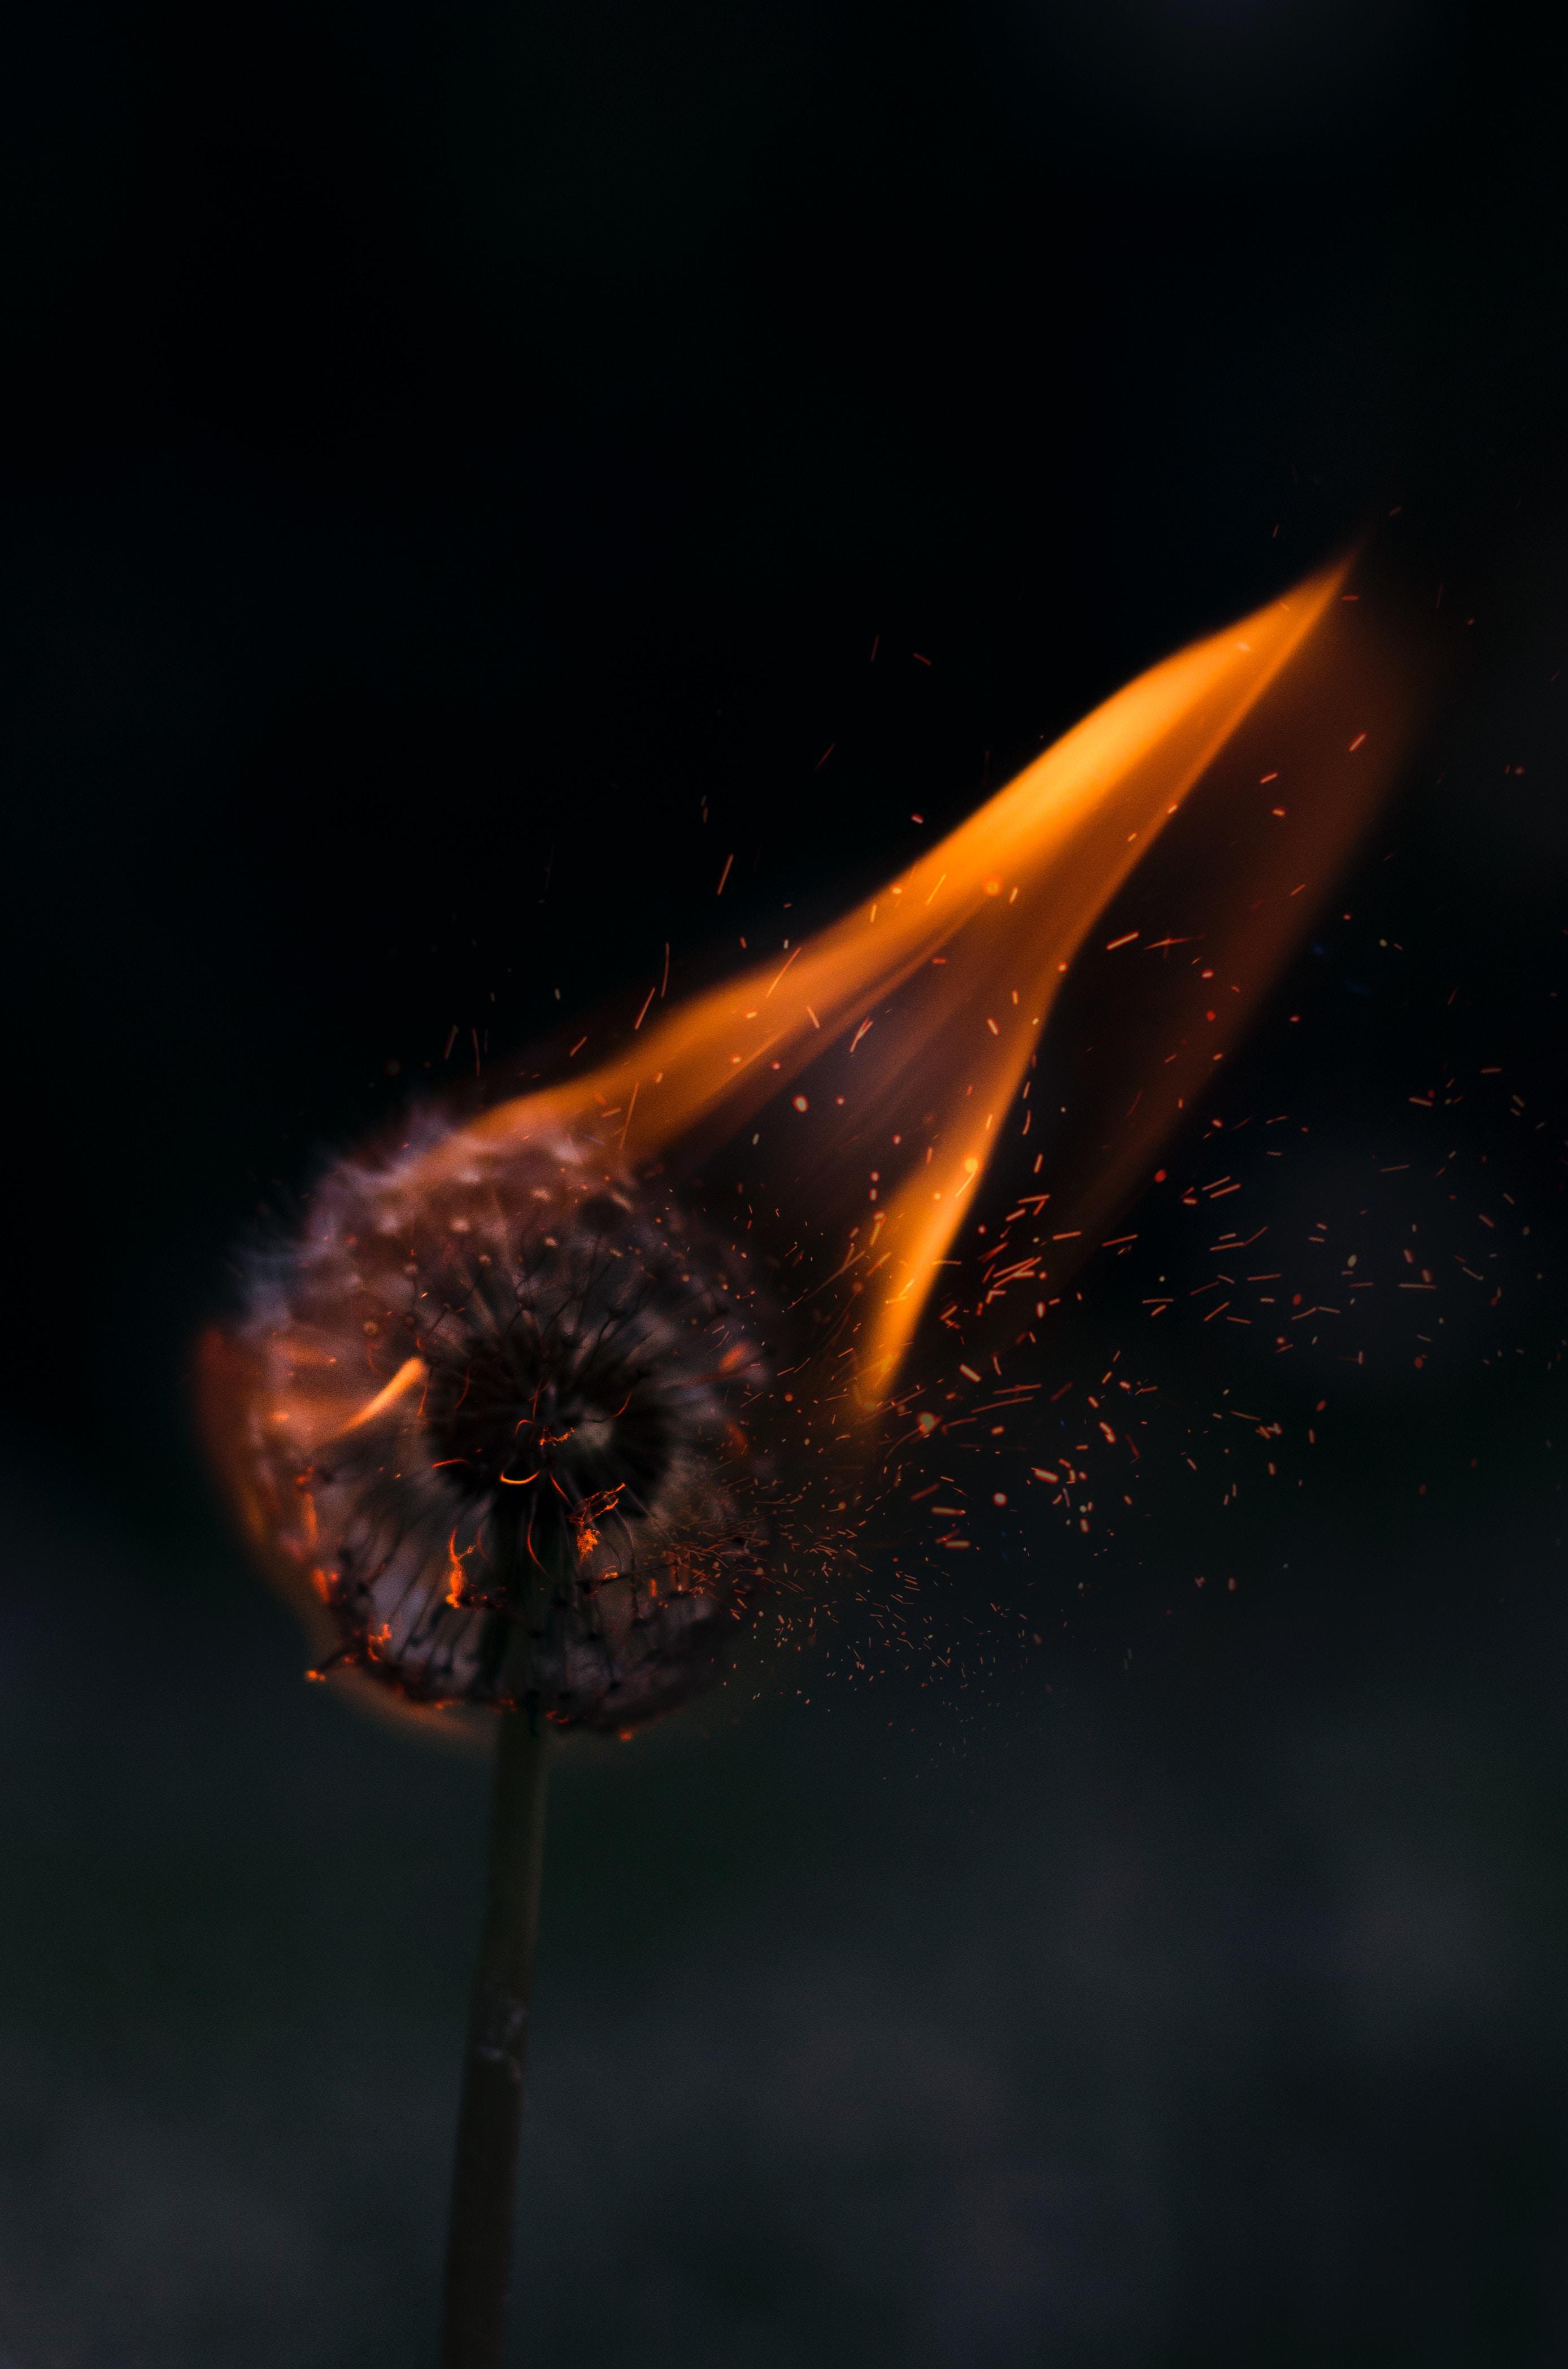 124446 Hintergrundbild herunterladen Blumen, Feuer, Löwenzahn, Funken - Bildschirmschoner und Bilder kostenlos